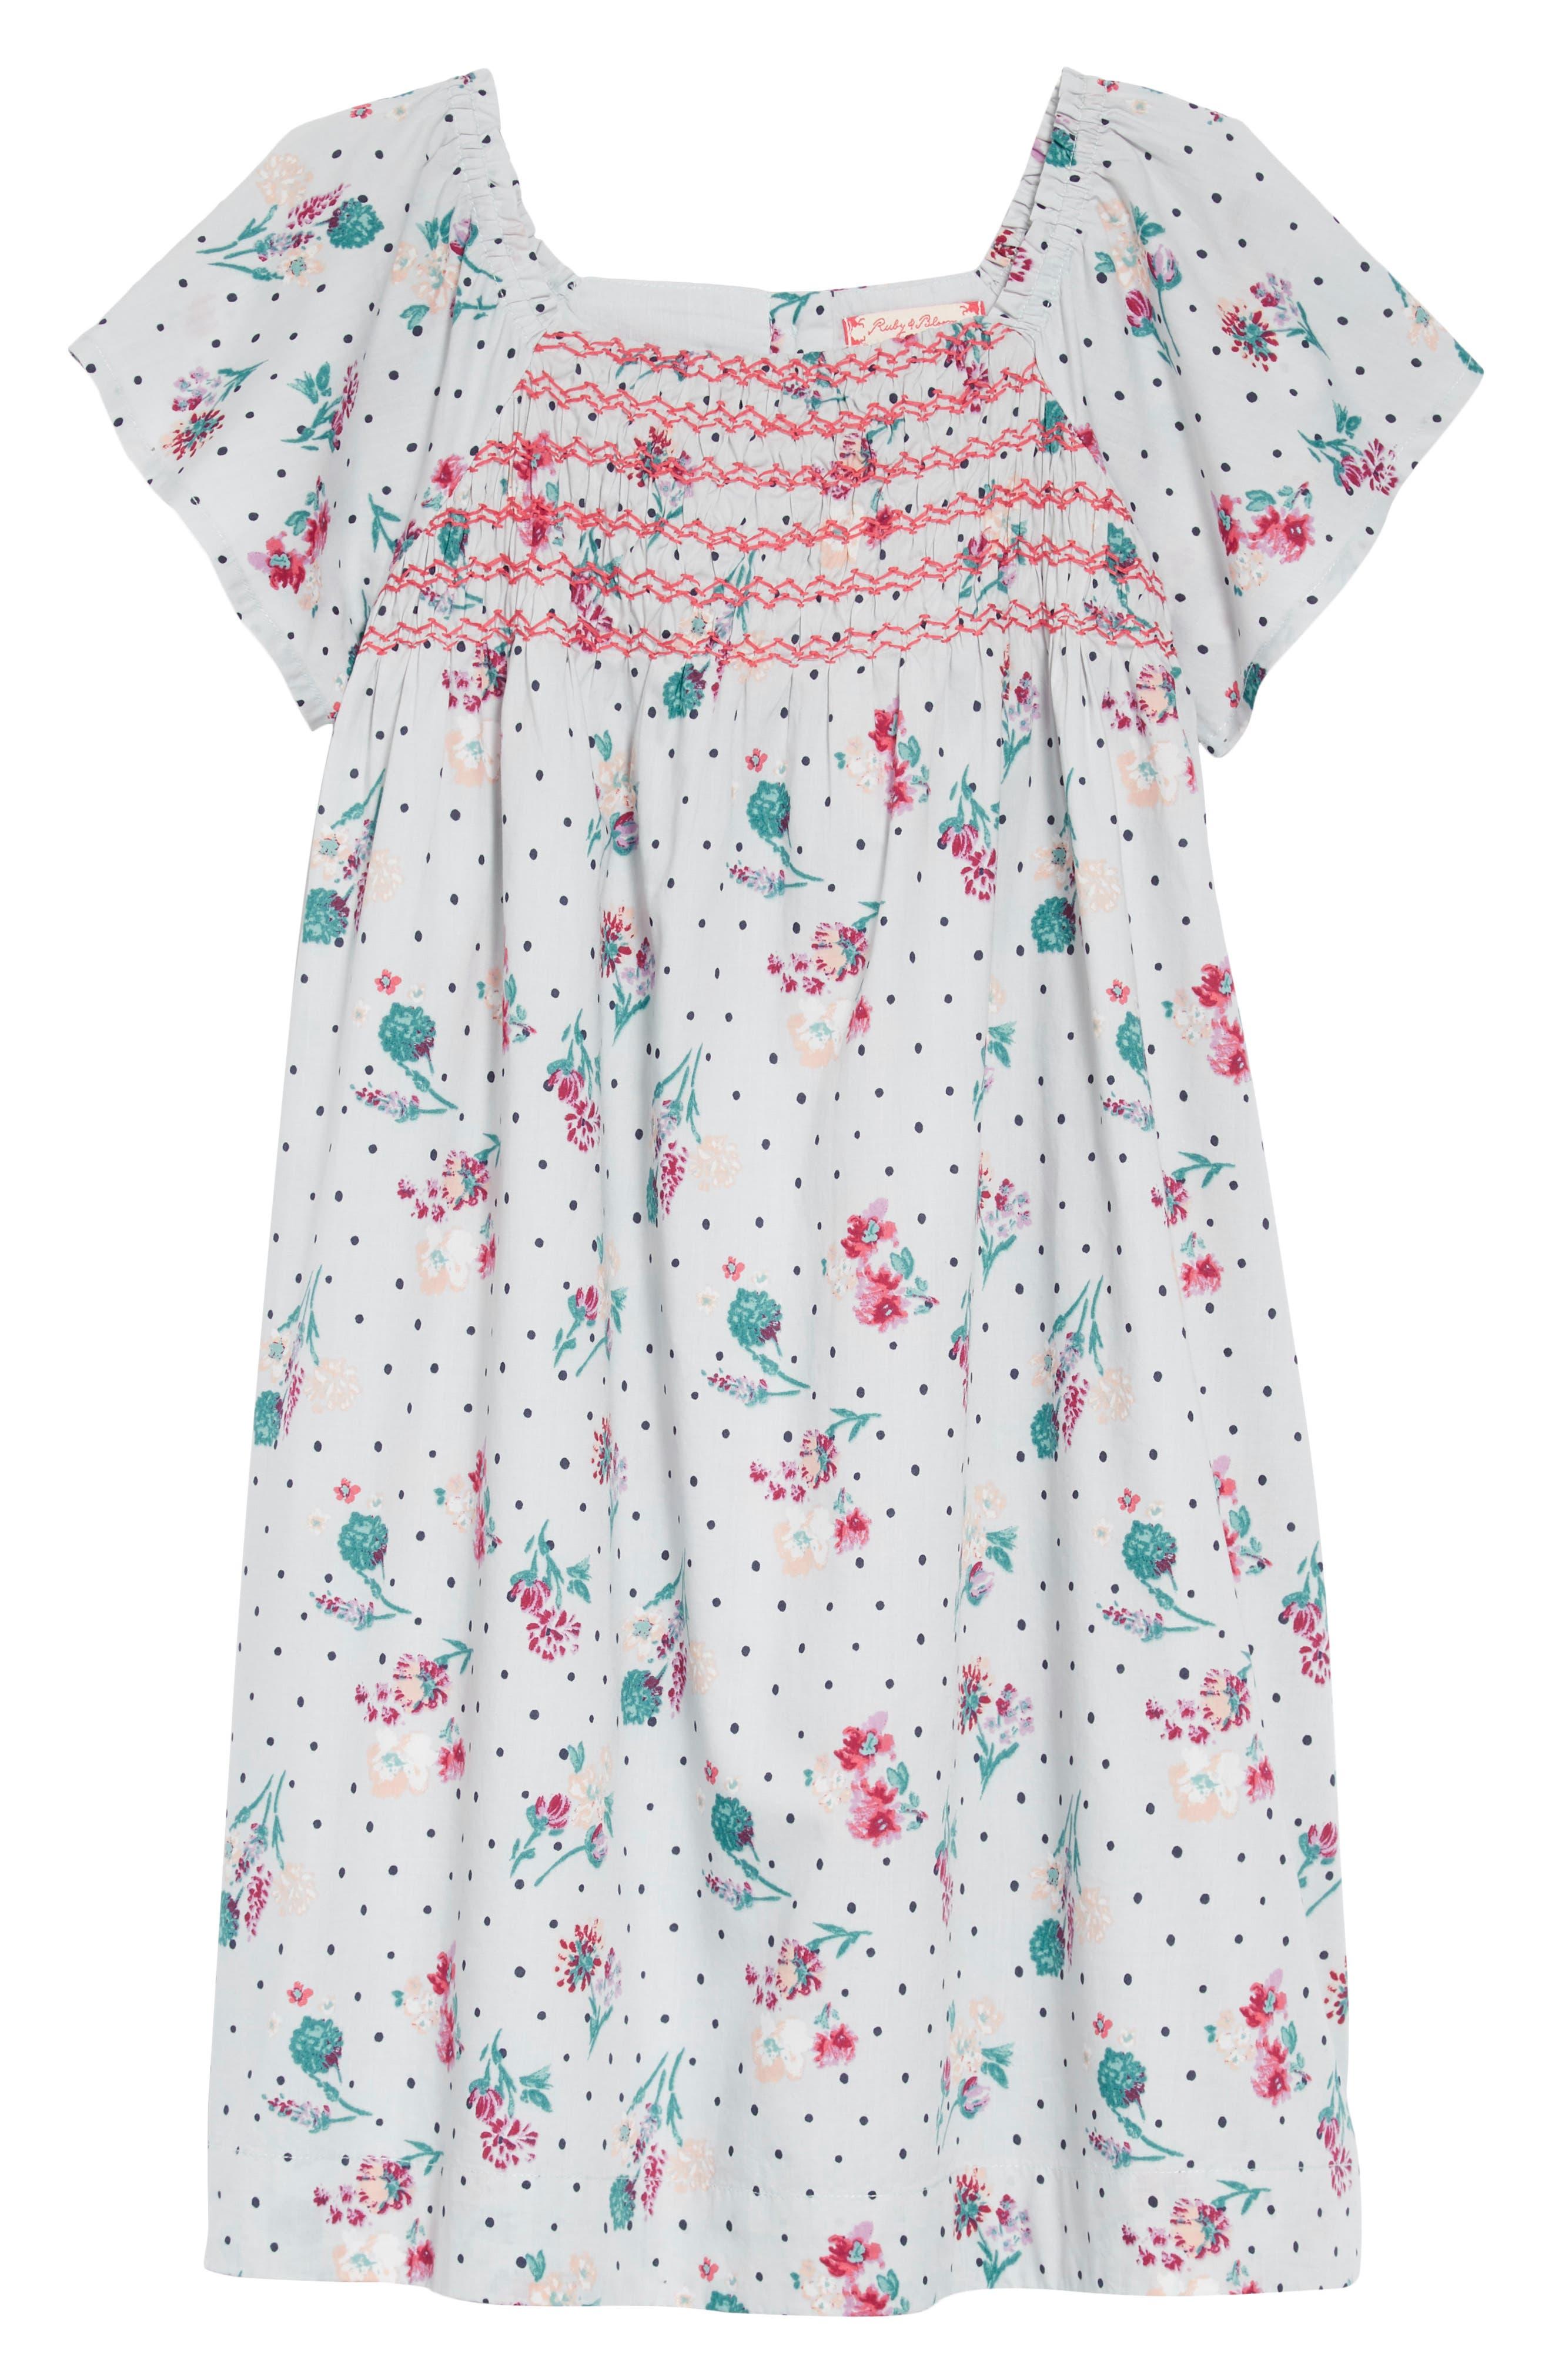 Floral Smock Dress,                         Main,                         color, GREY VIOLET BOTANICAL GARDEN